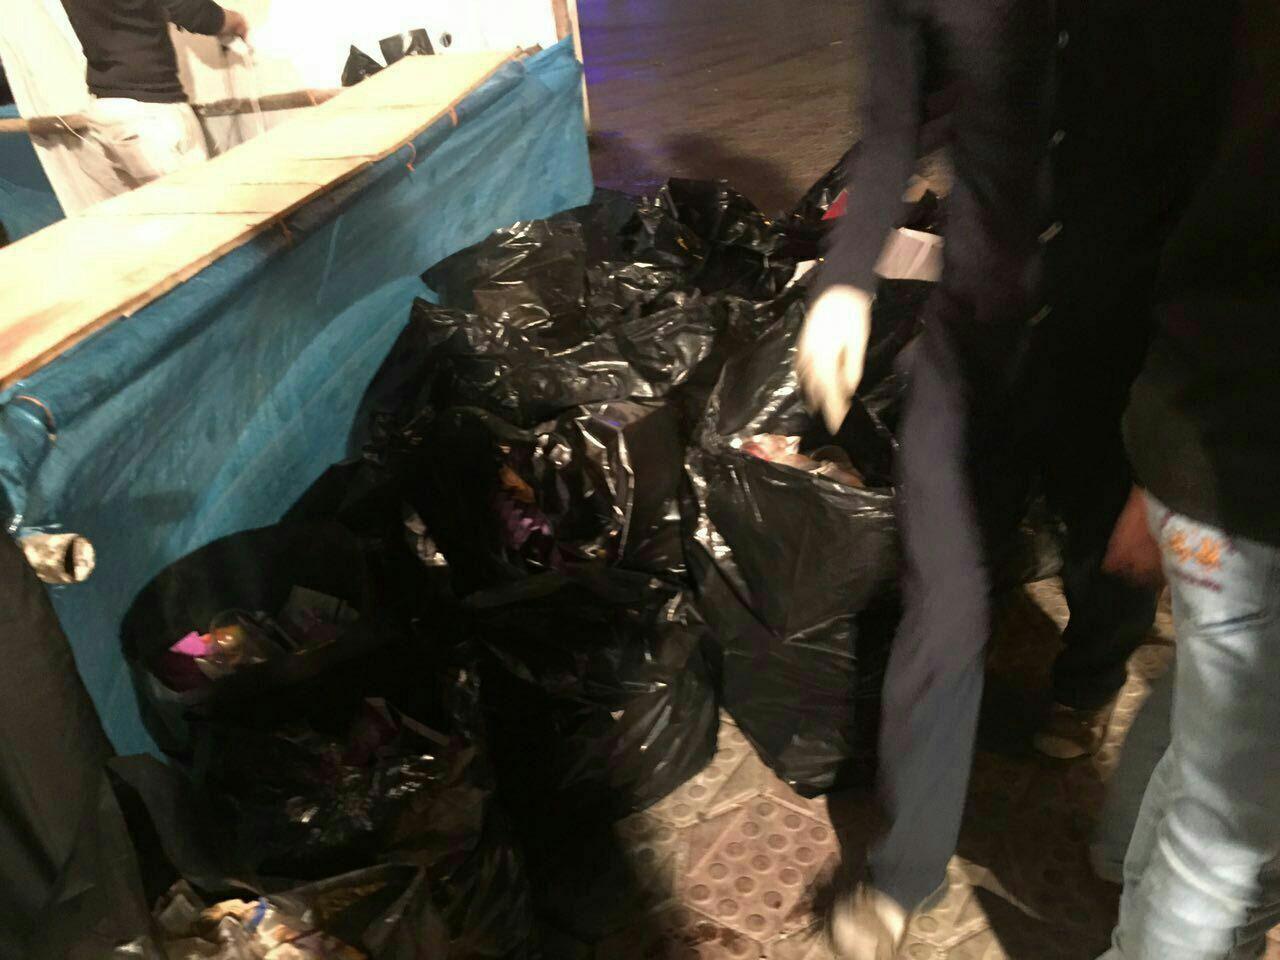 پاکسازی شهر از ظروف یکبار مصرف